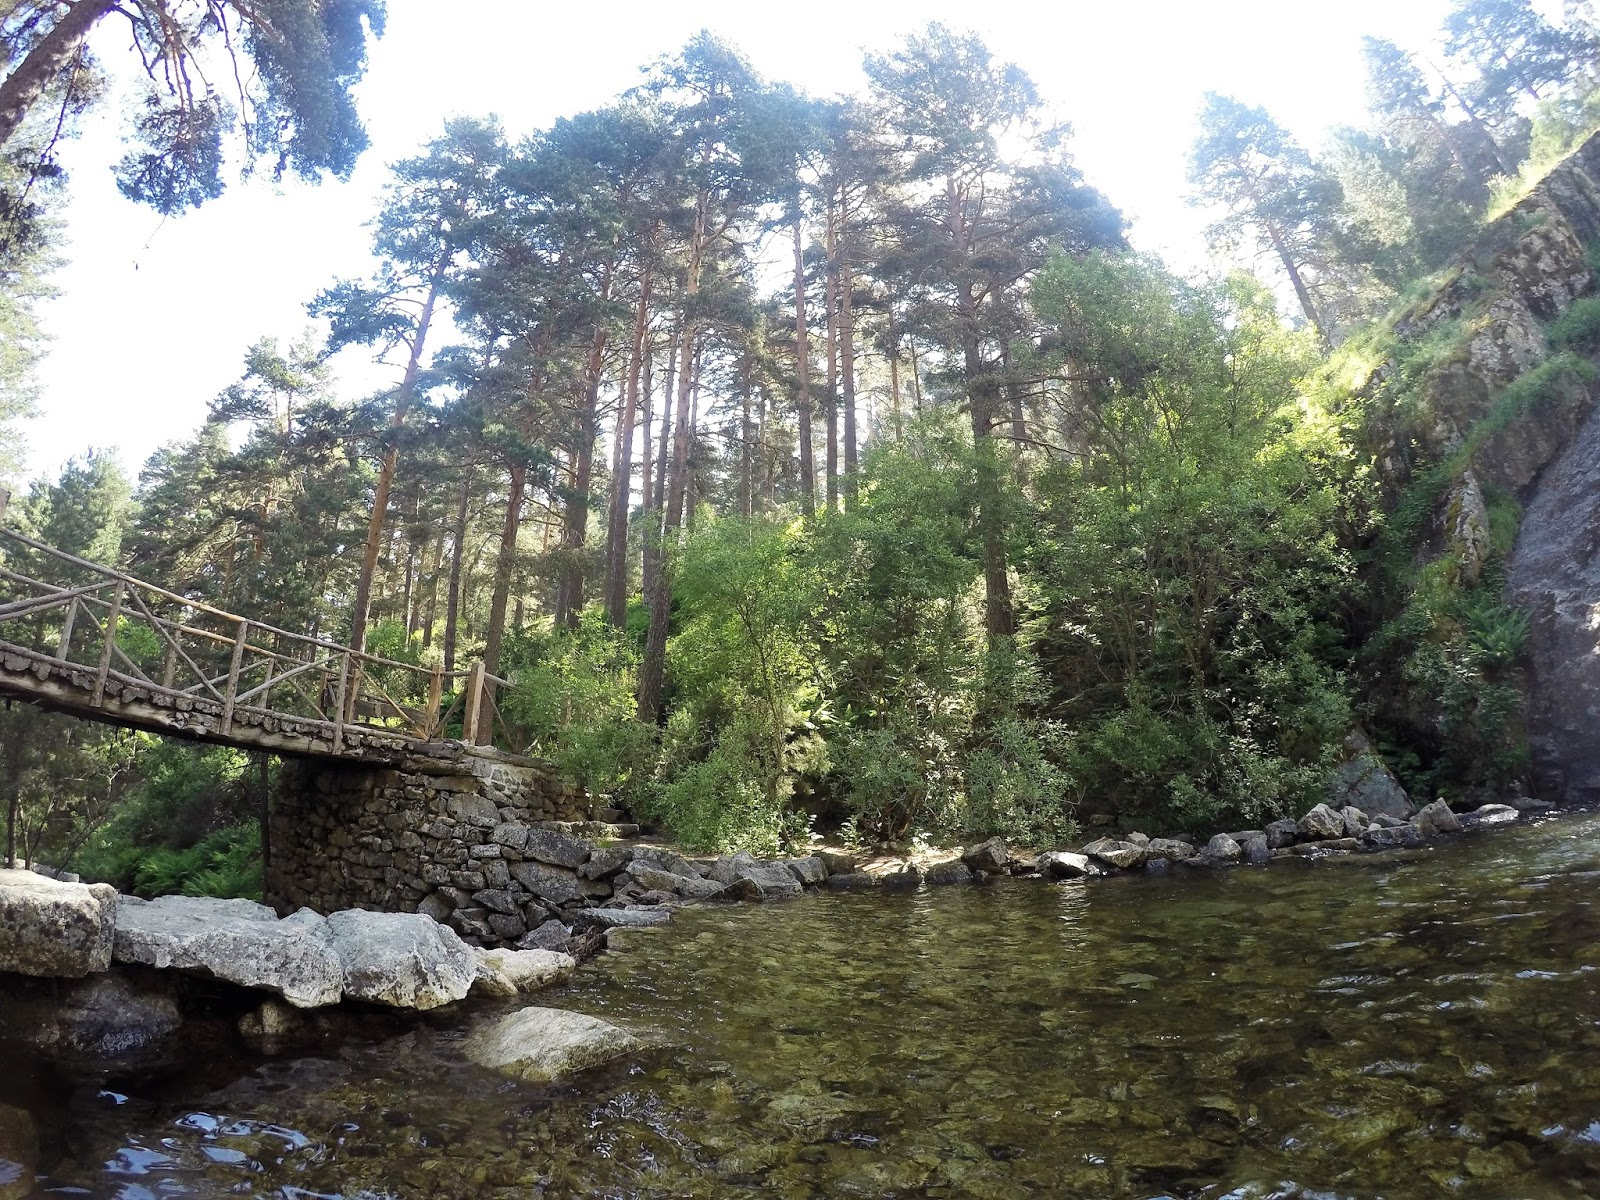 Piscinas barbacoas cascada parque el chorro pinar navafr a for Piscinas naturales navafria